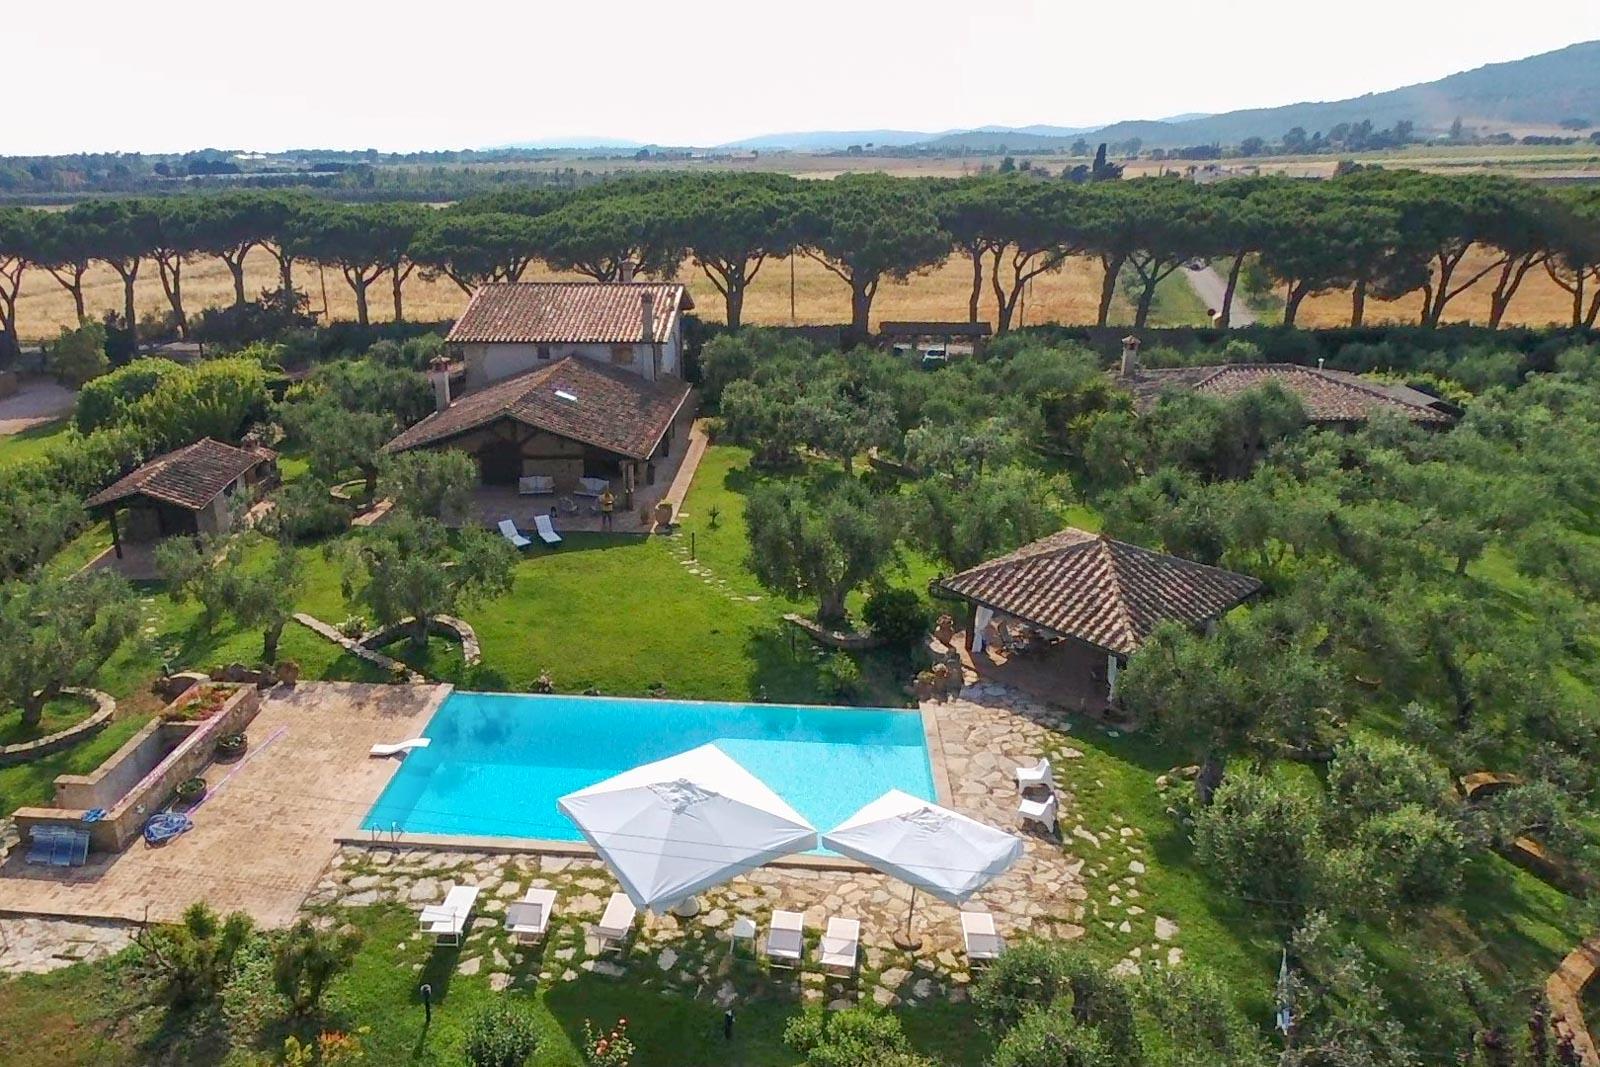 Villa patrimoniale con annesso e piscina a 1,5 km dal mare vicino a Capalbio